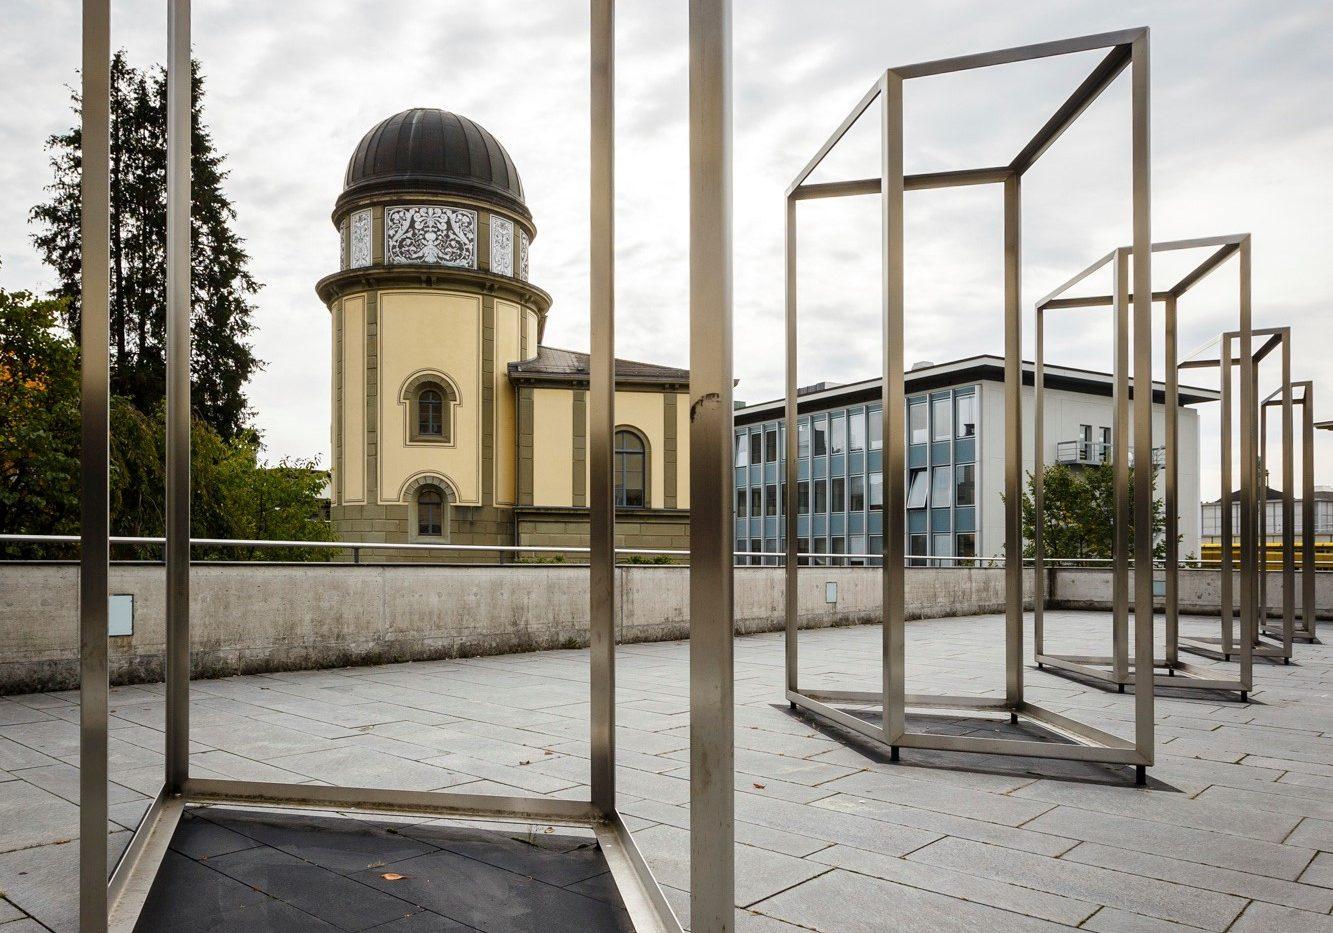 Architektur; Terrasse NORD1; Kunst am Bau; Raummaht - Nahtraum; Florian Granwehr (Künstler); ETH-Sternwarte